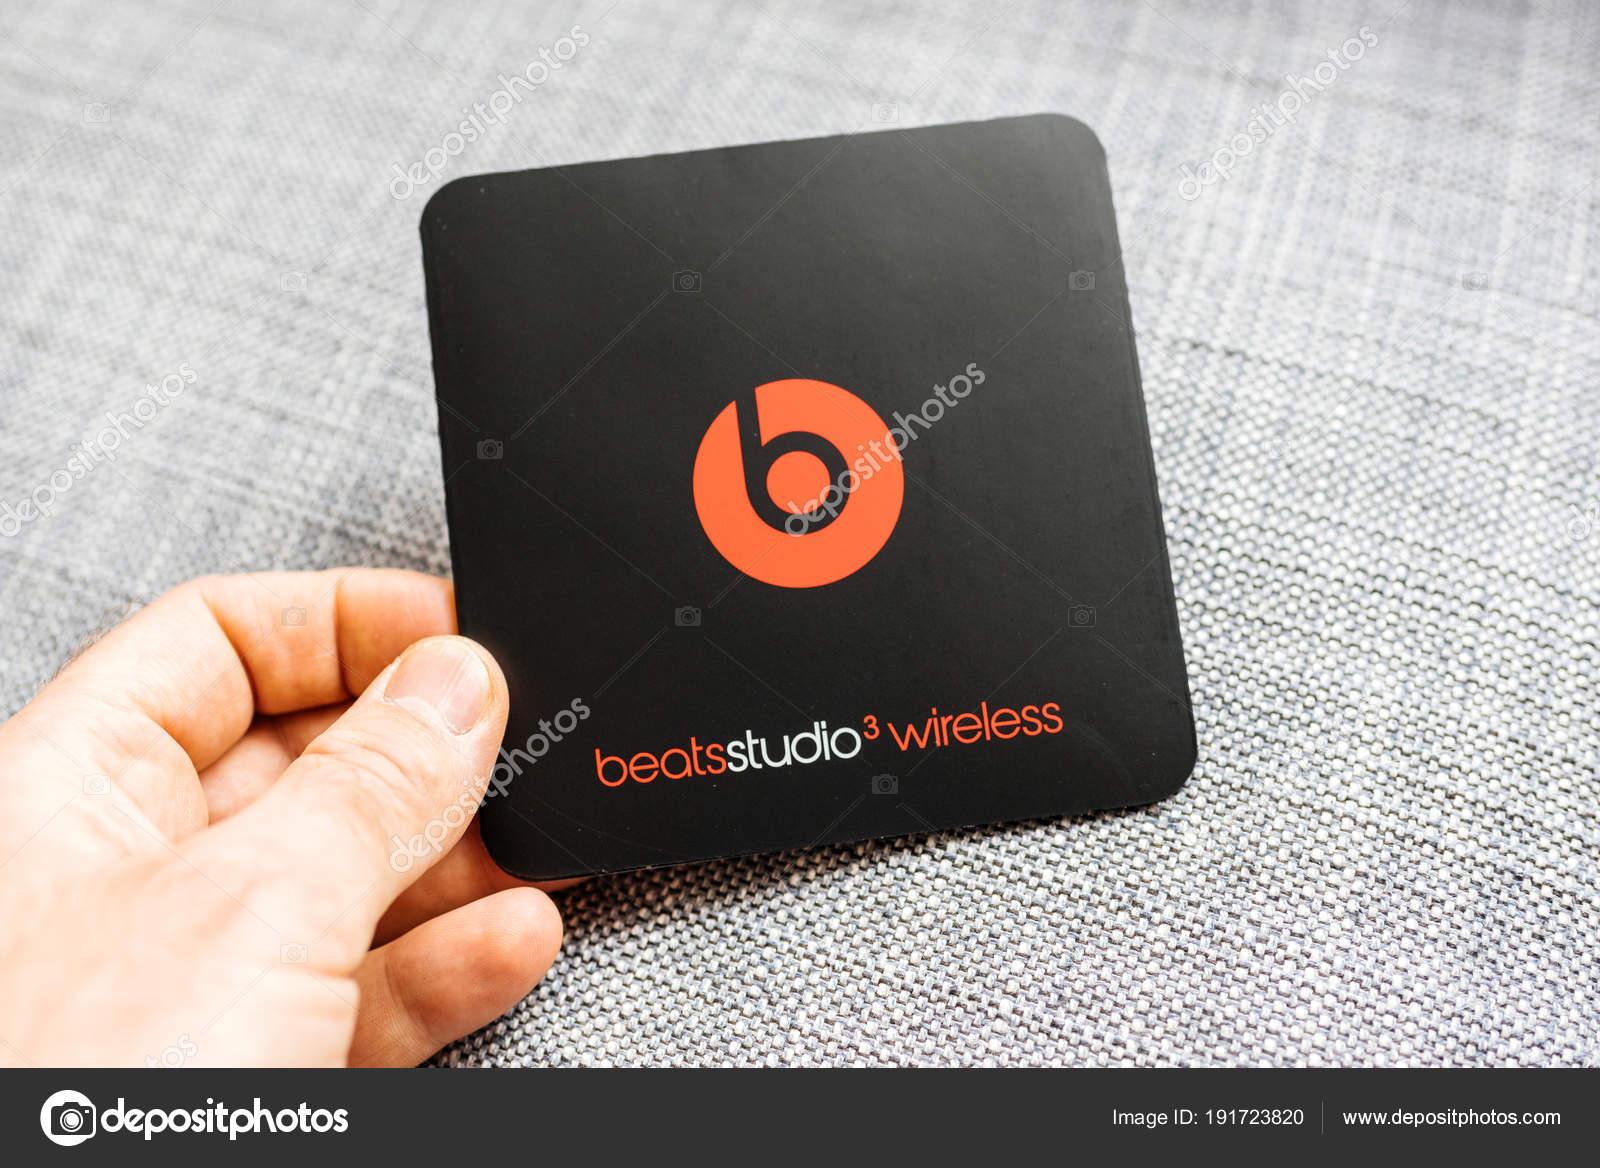 Új Apple veri a Dr Dre Beats Studio 3 vezeték nélküli fejhallgató — Stock  Fotó eefc24a4b9